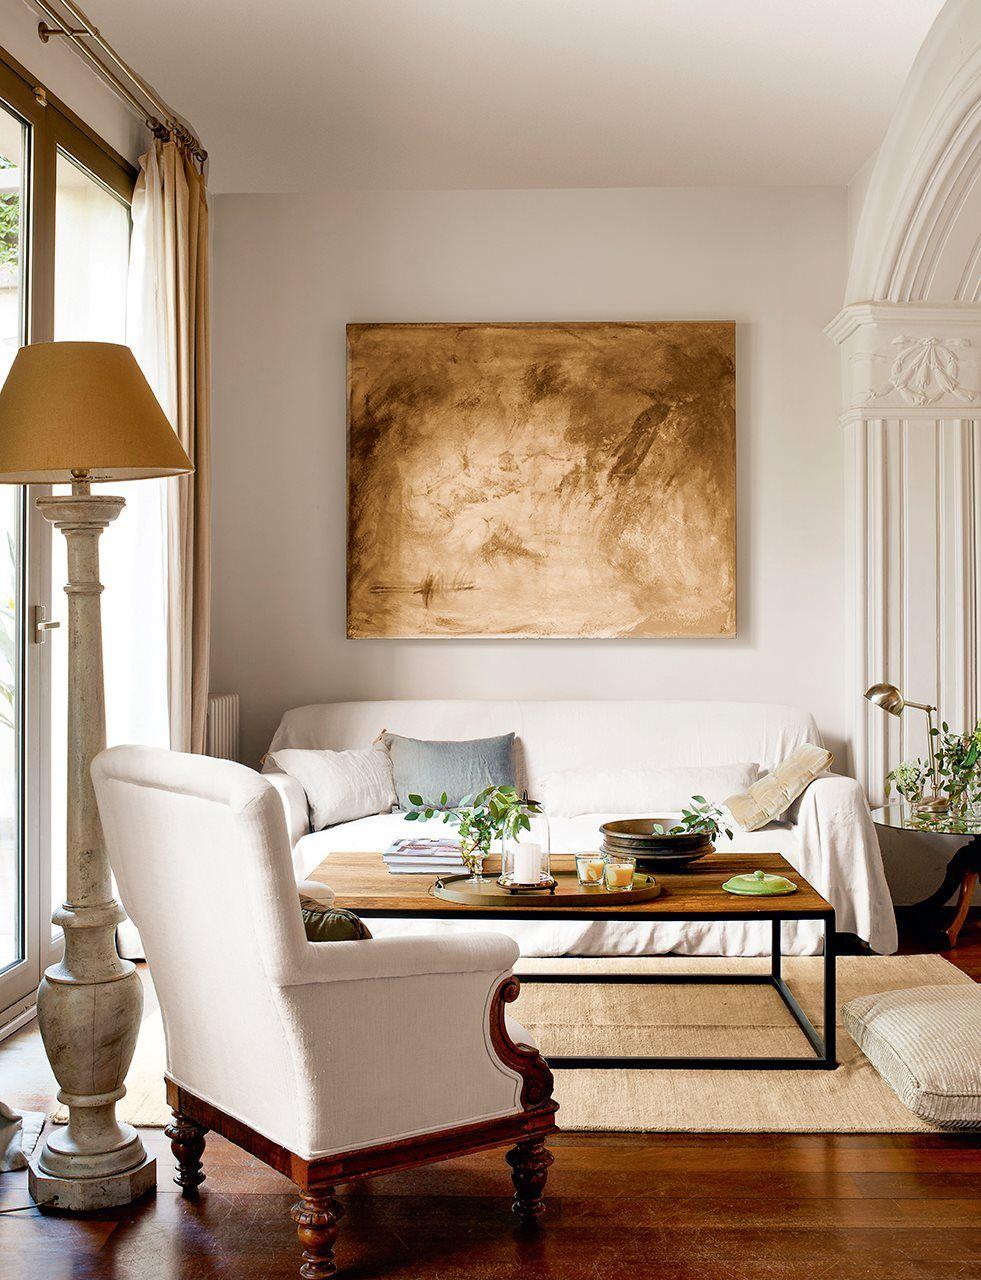 Awesome Living Room Styles · Cómo Decorar Con Cuadros ¡y Acertar! · ElMueble.com ·  Escuela Deco